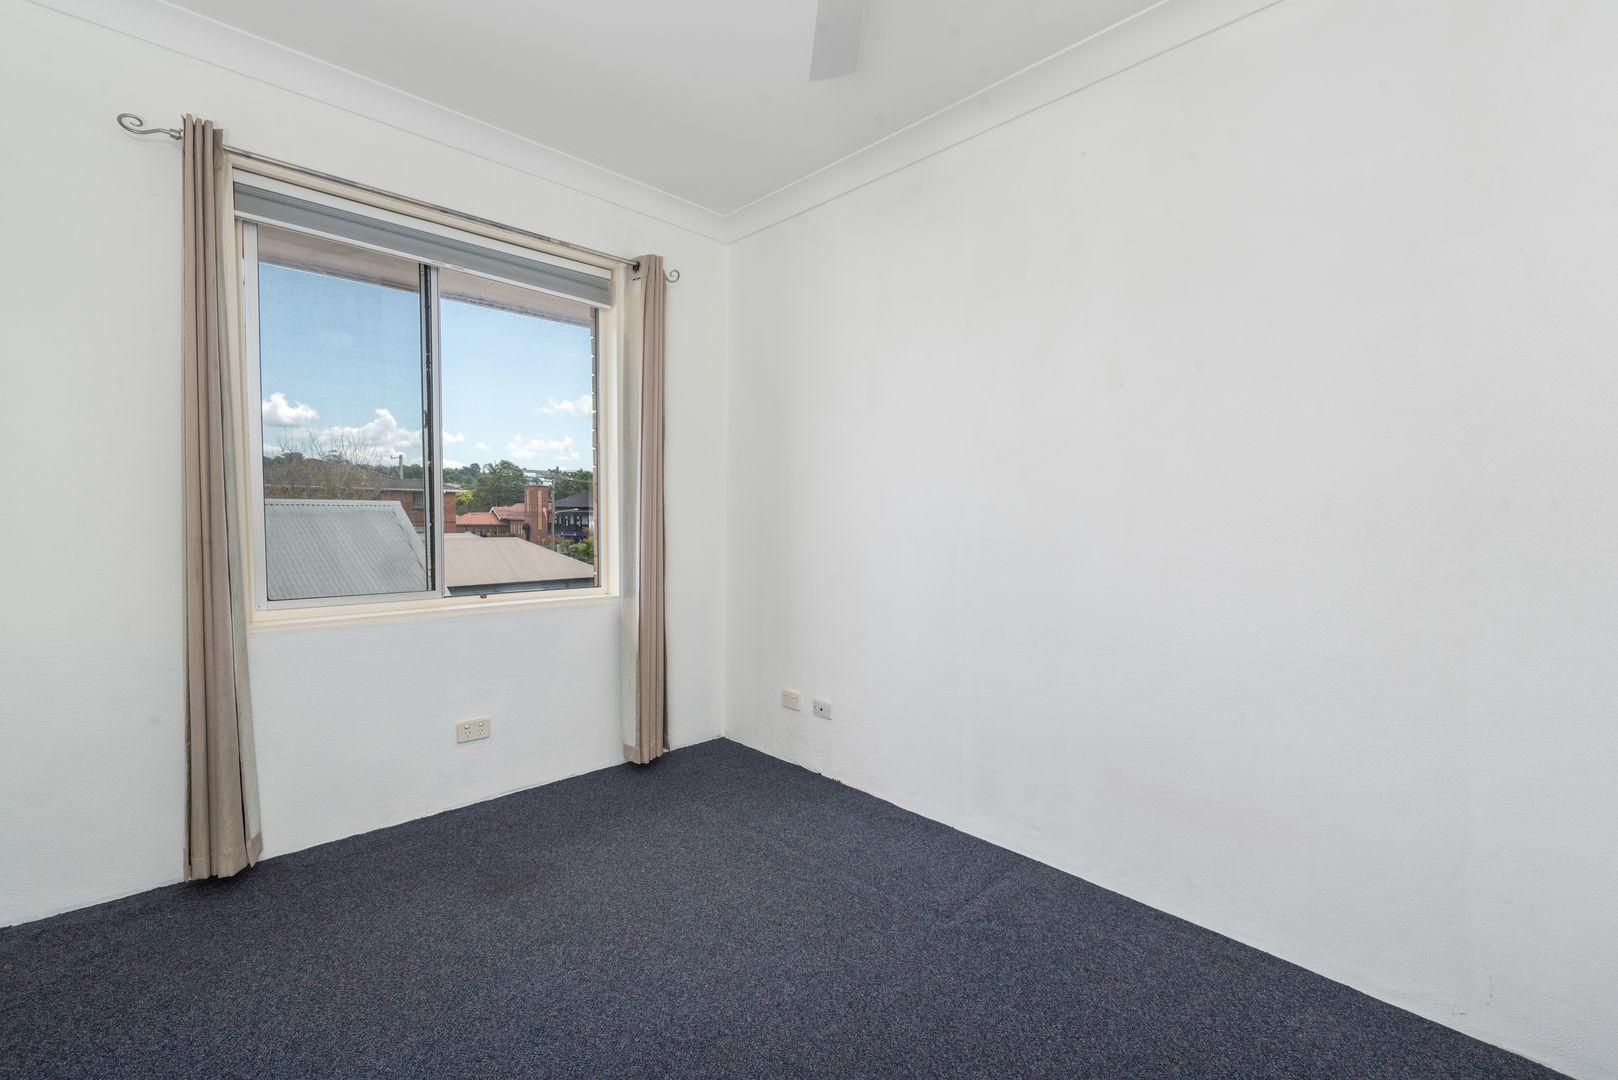 17/50-52 Station Street, Waratah NSW 2298, Image 2